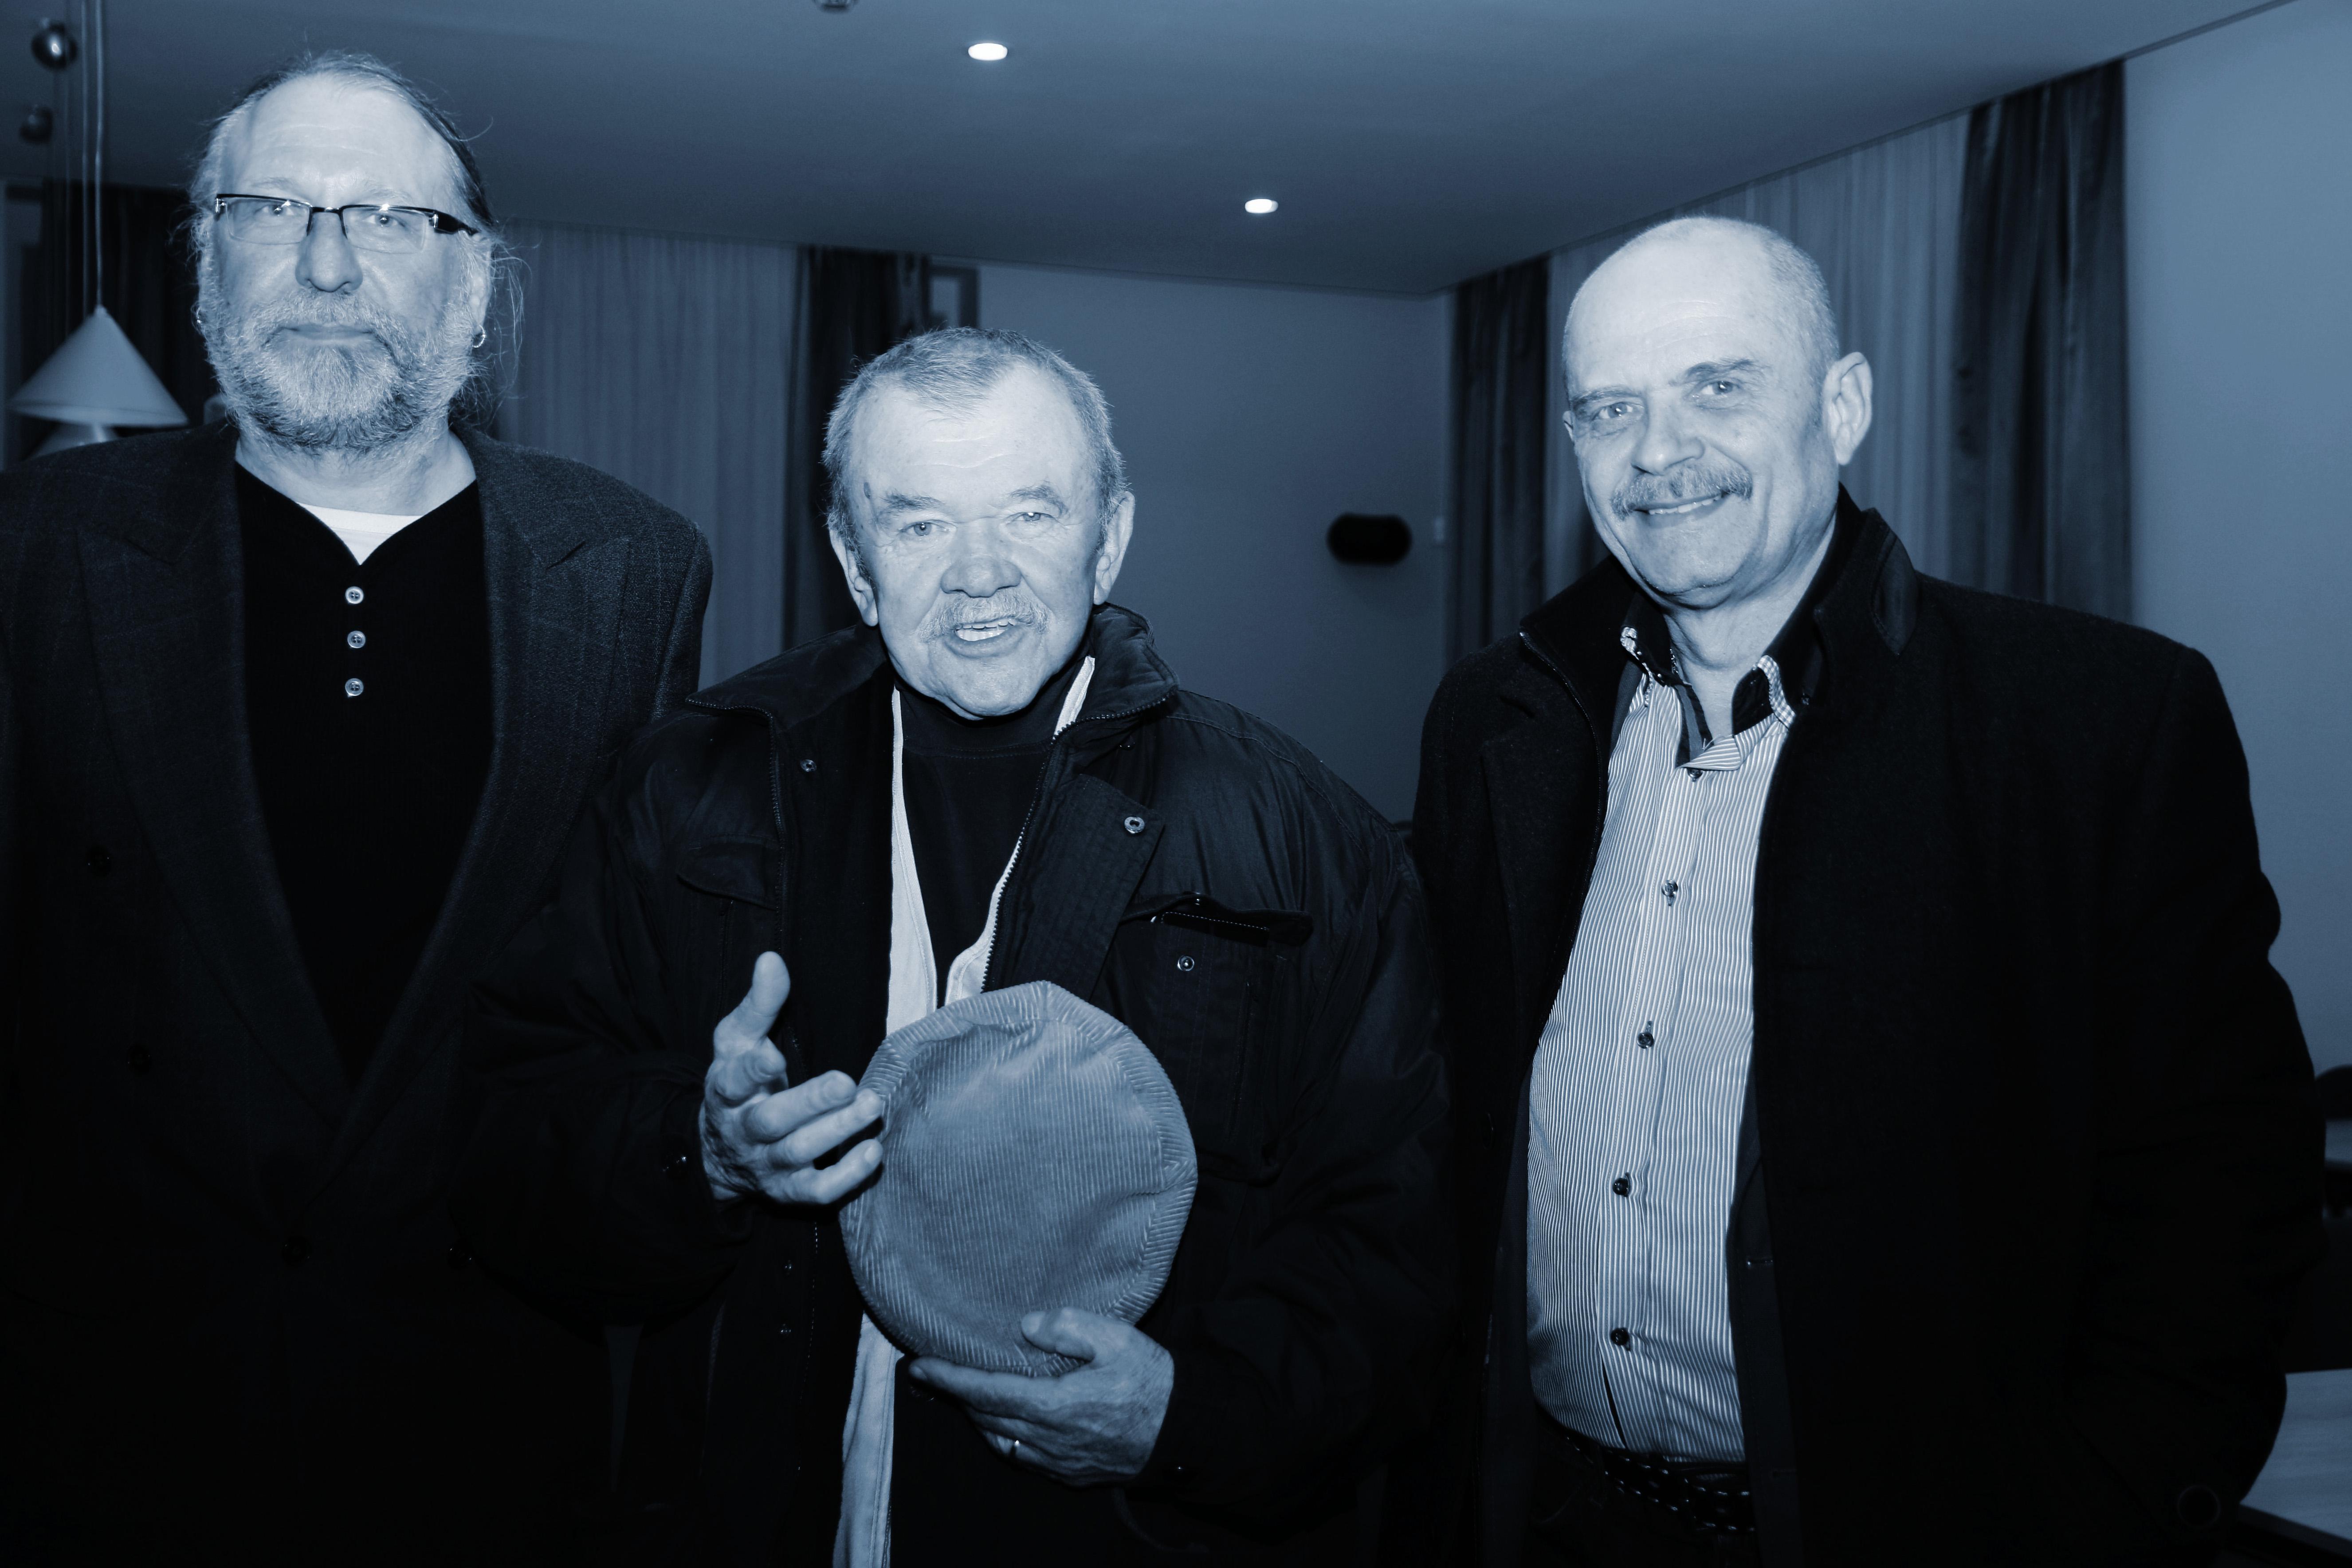 S lounskými starosty Emilem Vollkmannem (1990 – 2002) a Radovanem Šabatou (2014 – 2019)